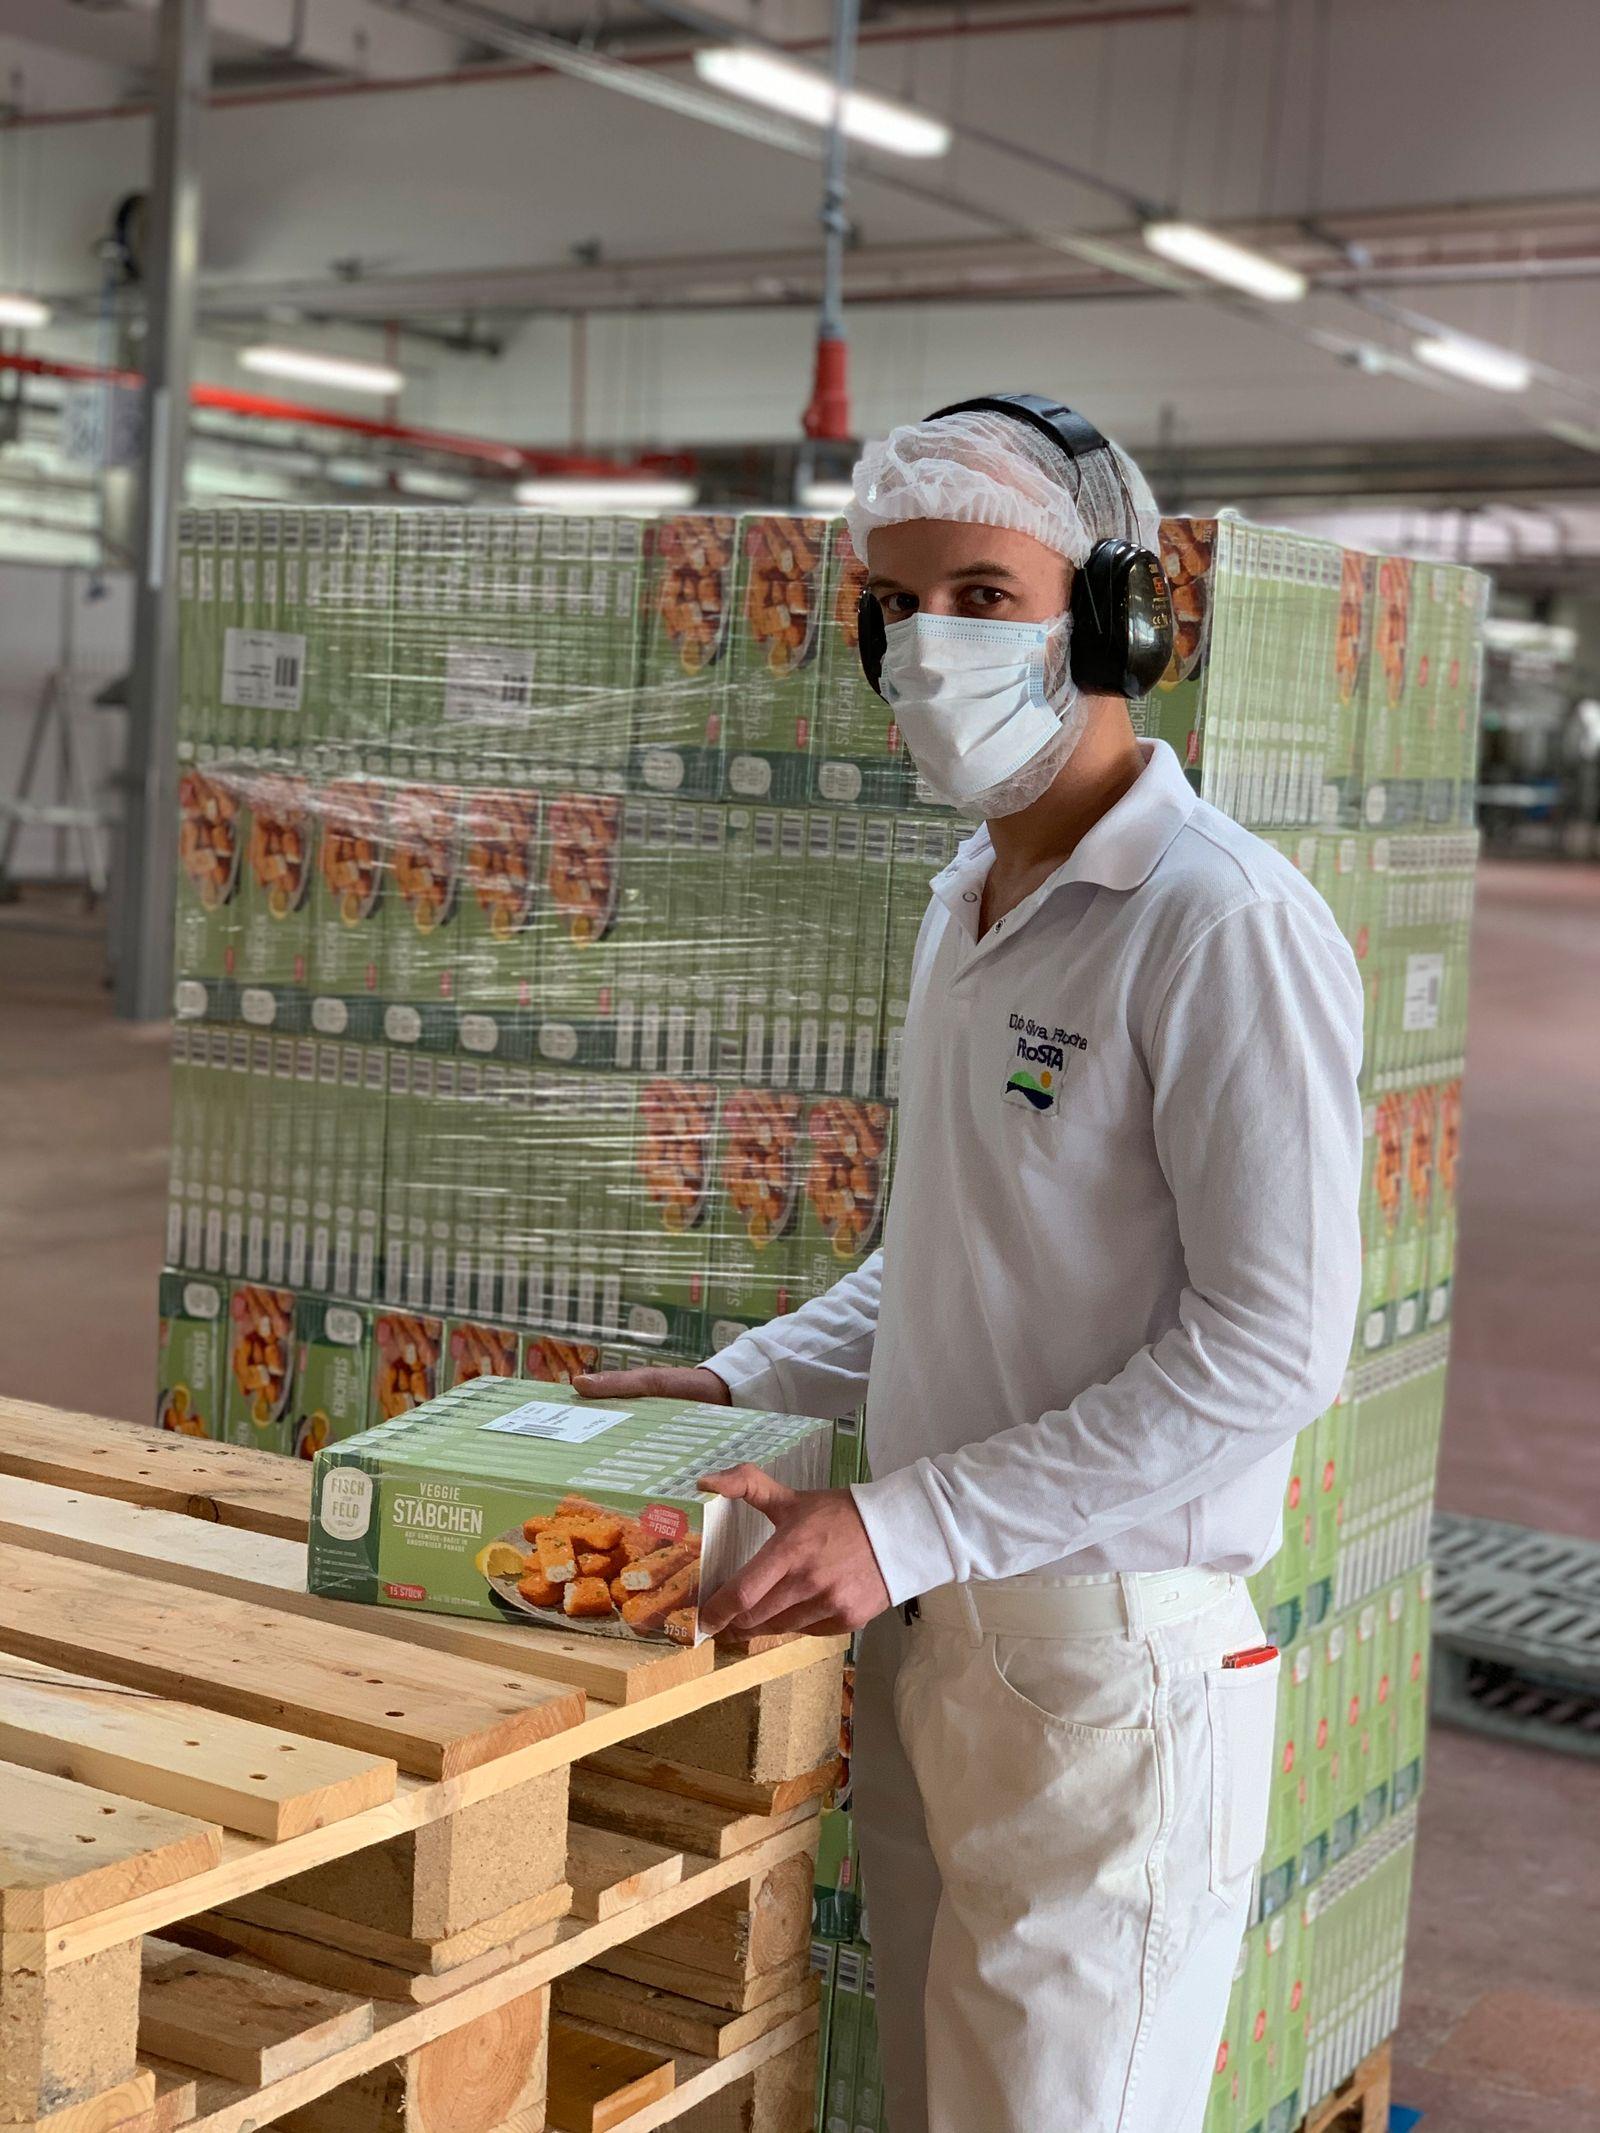 Frosta Veggi Stäbchen Produktion in Bremerhaven Guido Albers (Koch und Produktentwickler)